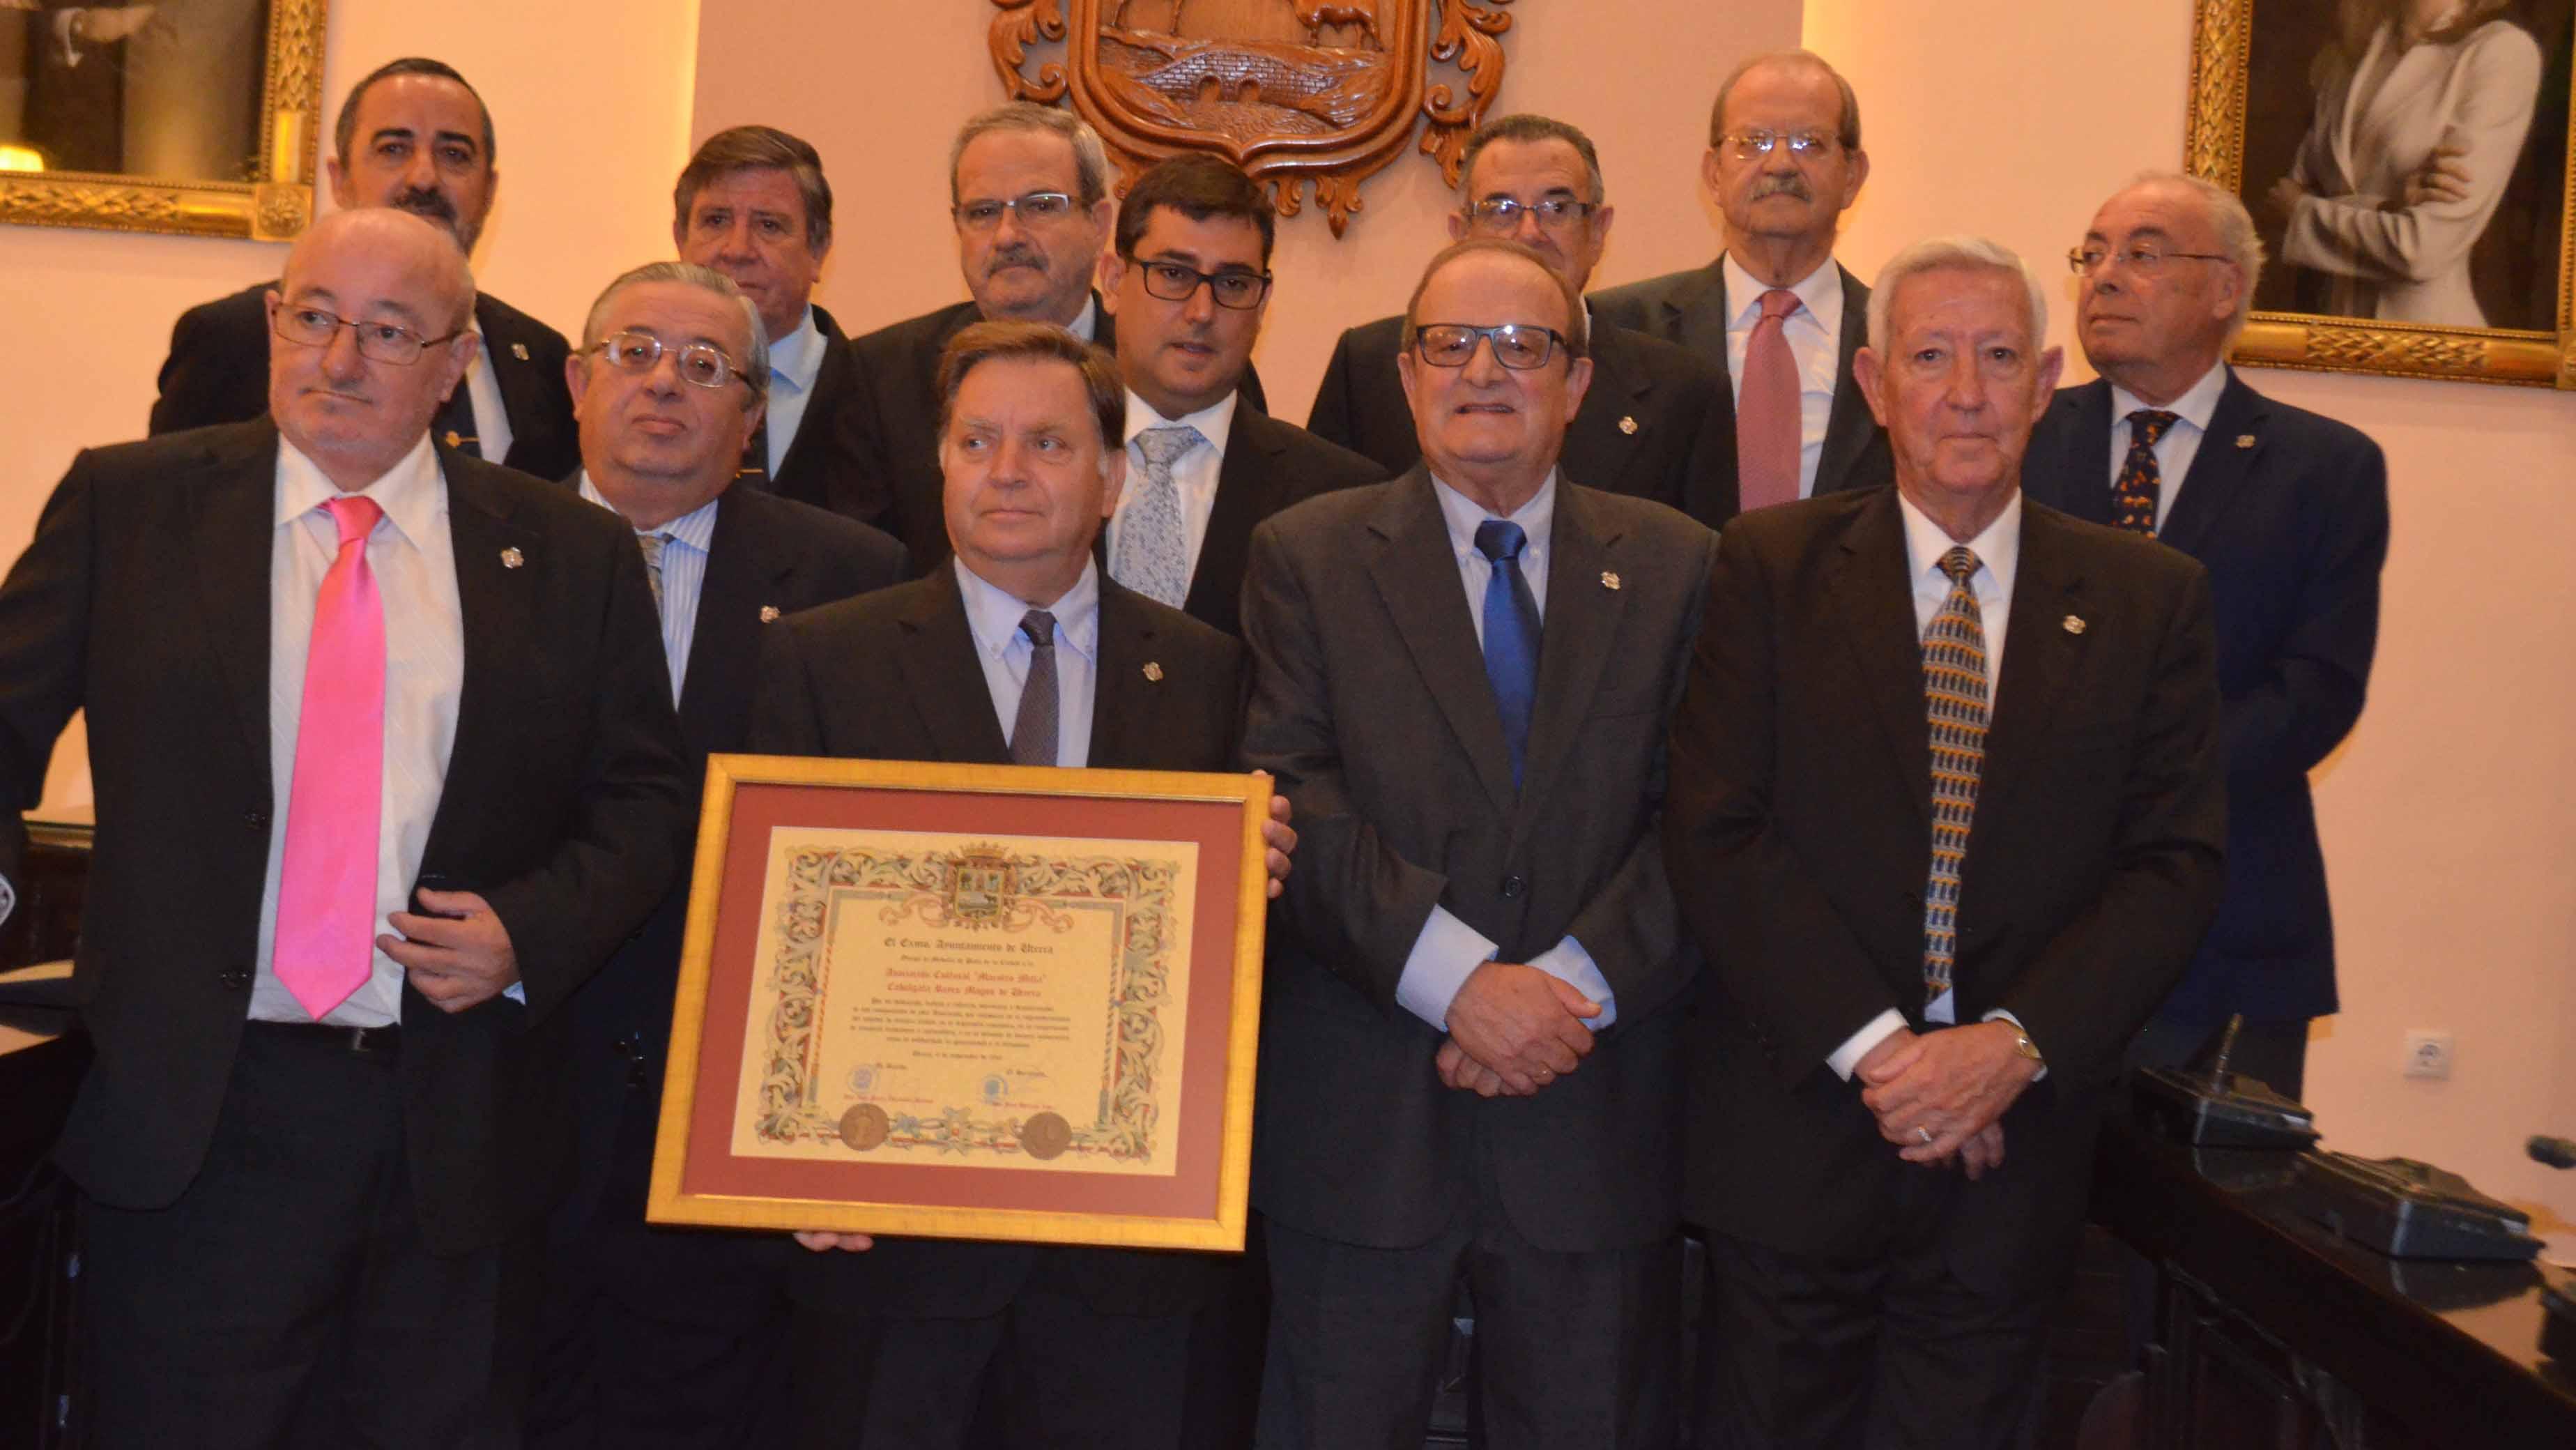 Los miembros de la asociación con su distinción